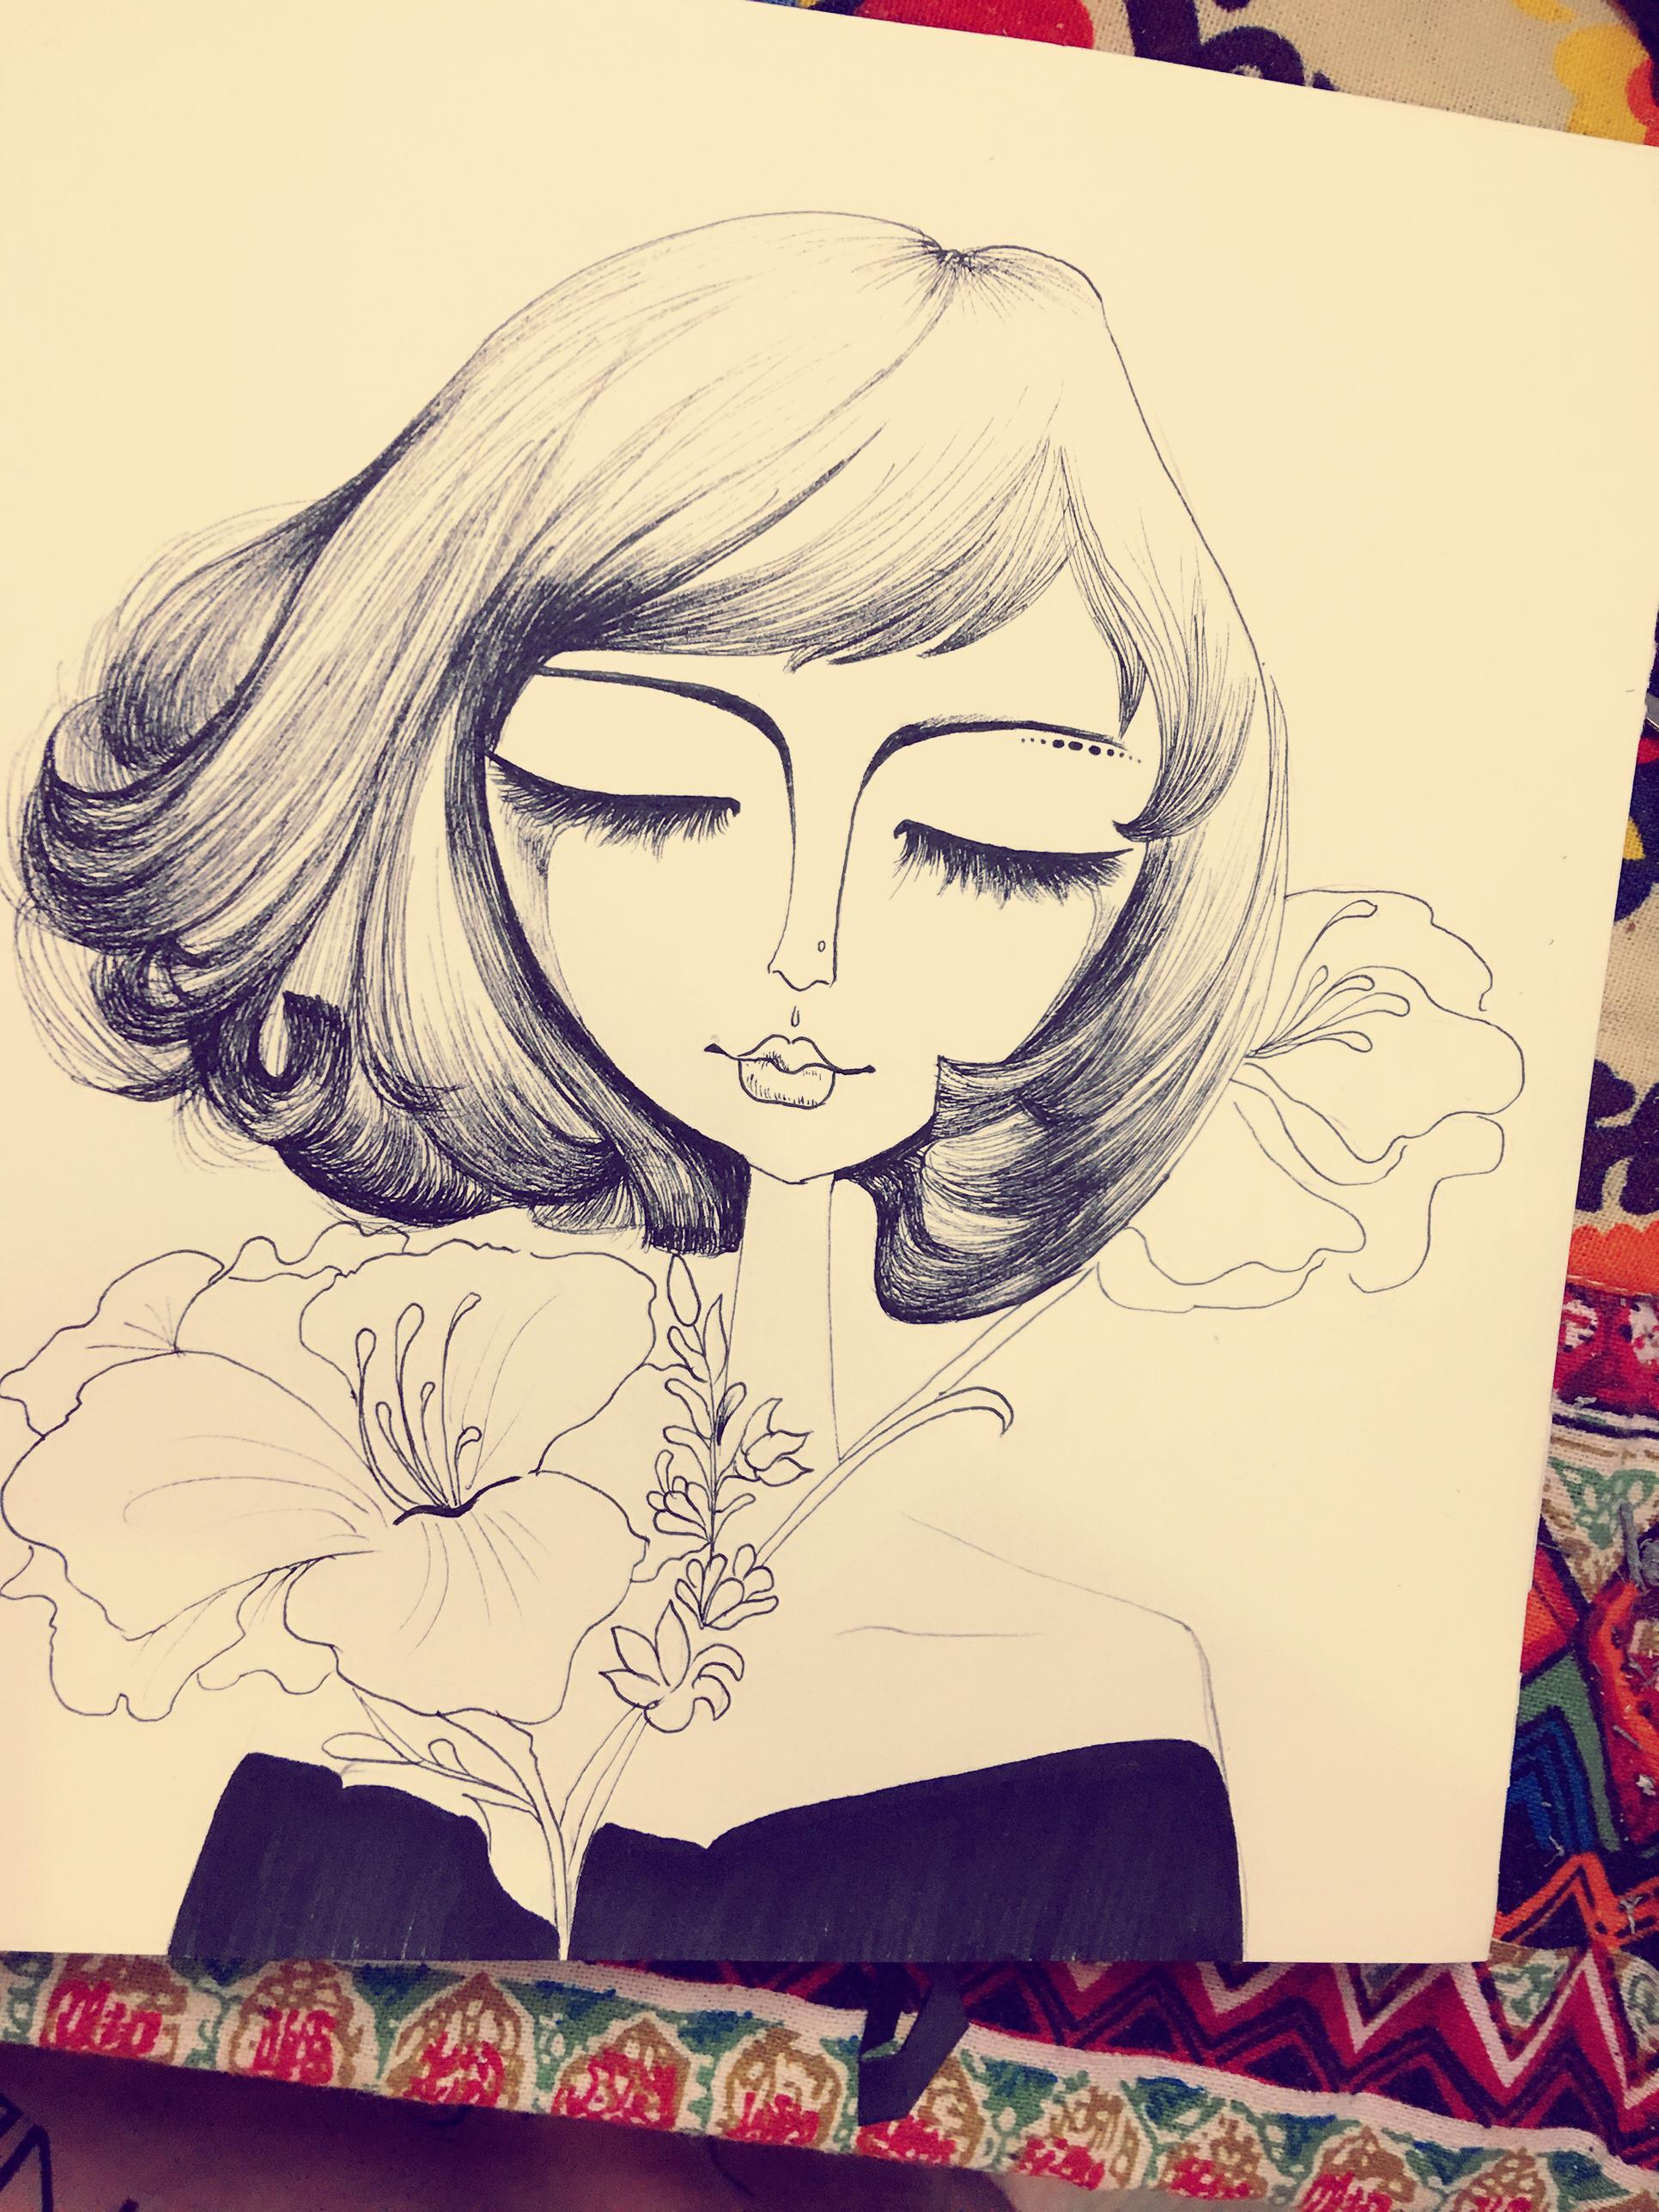 原创手绘,手绘插画,黑白装饰画